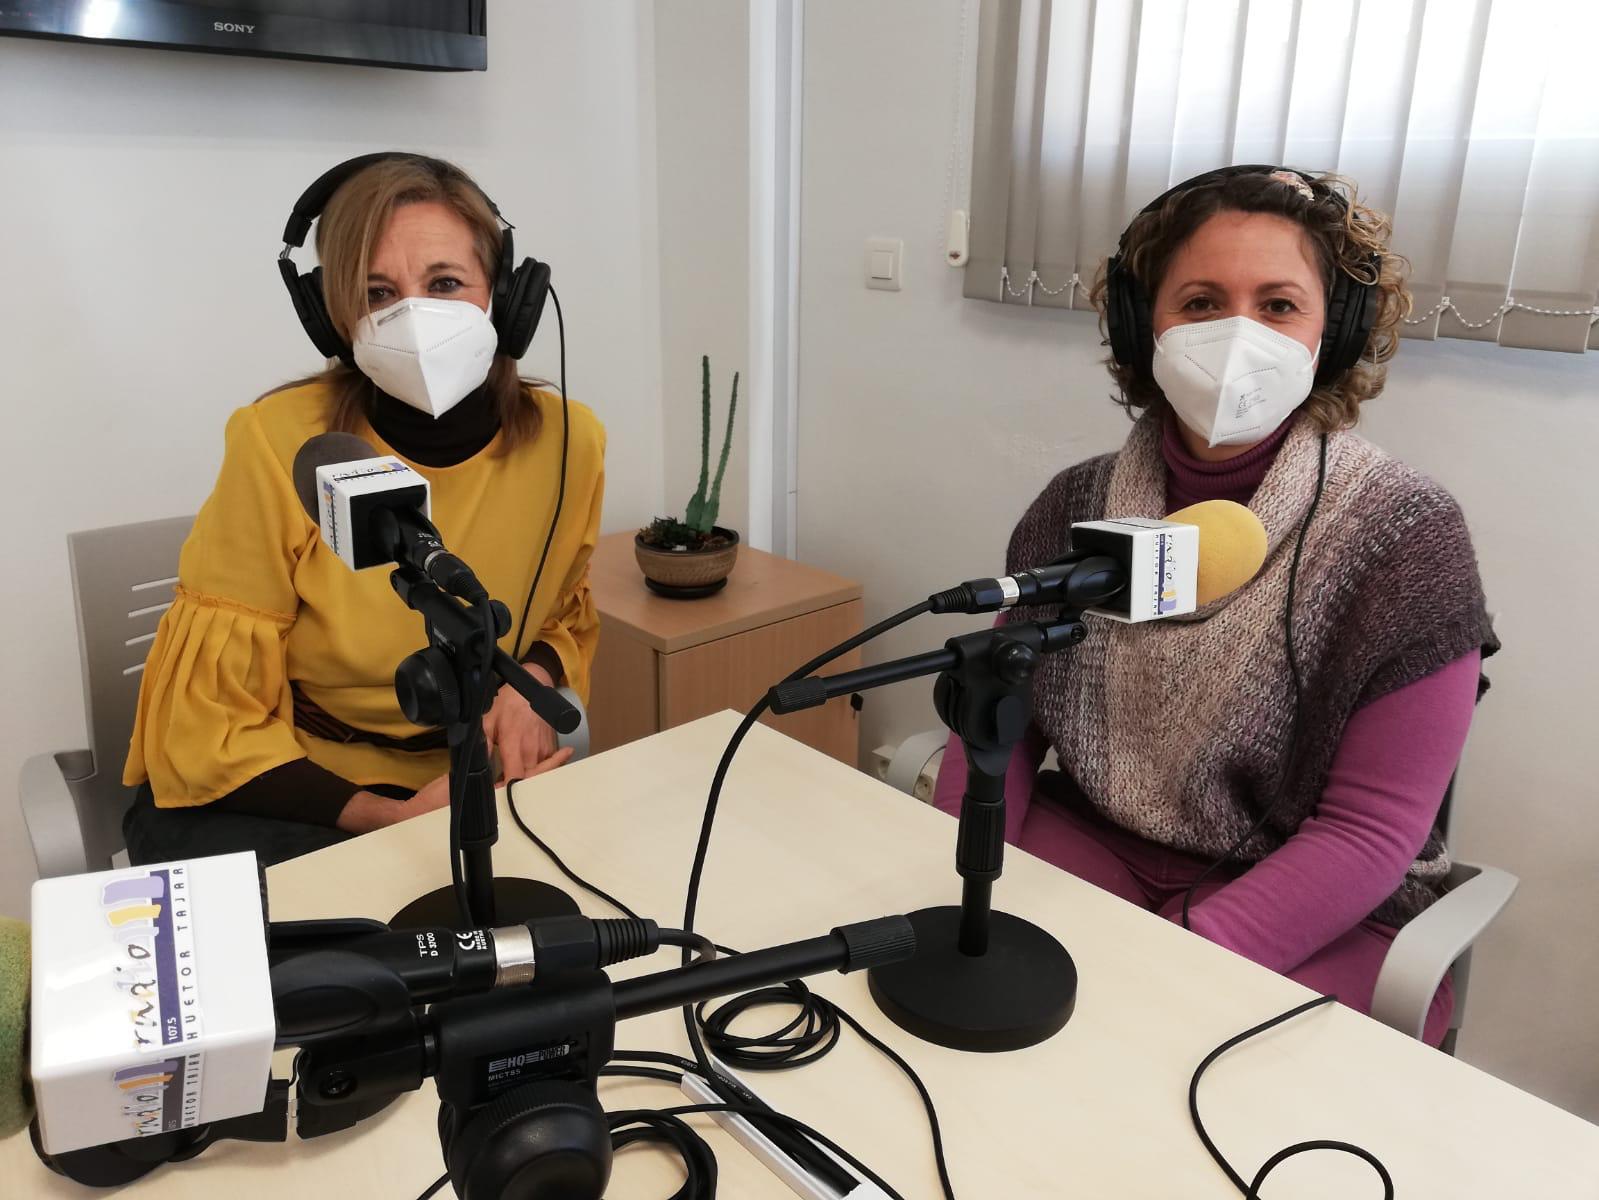 Voluntarios de Montefrío y Huétor Tájar comparten experiencias en unas jornadas virtuales